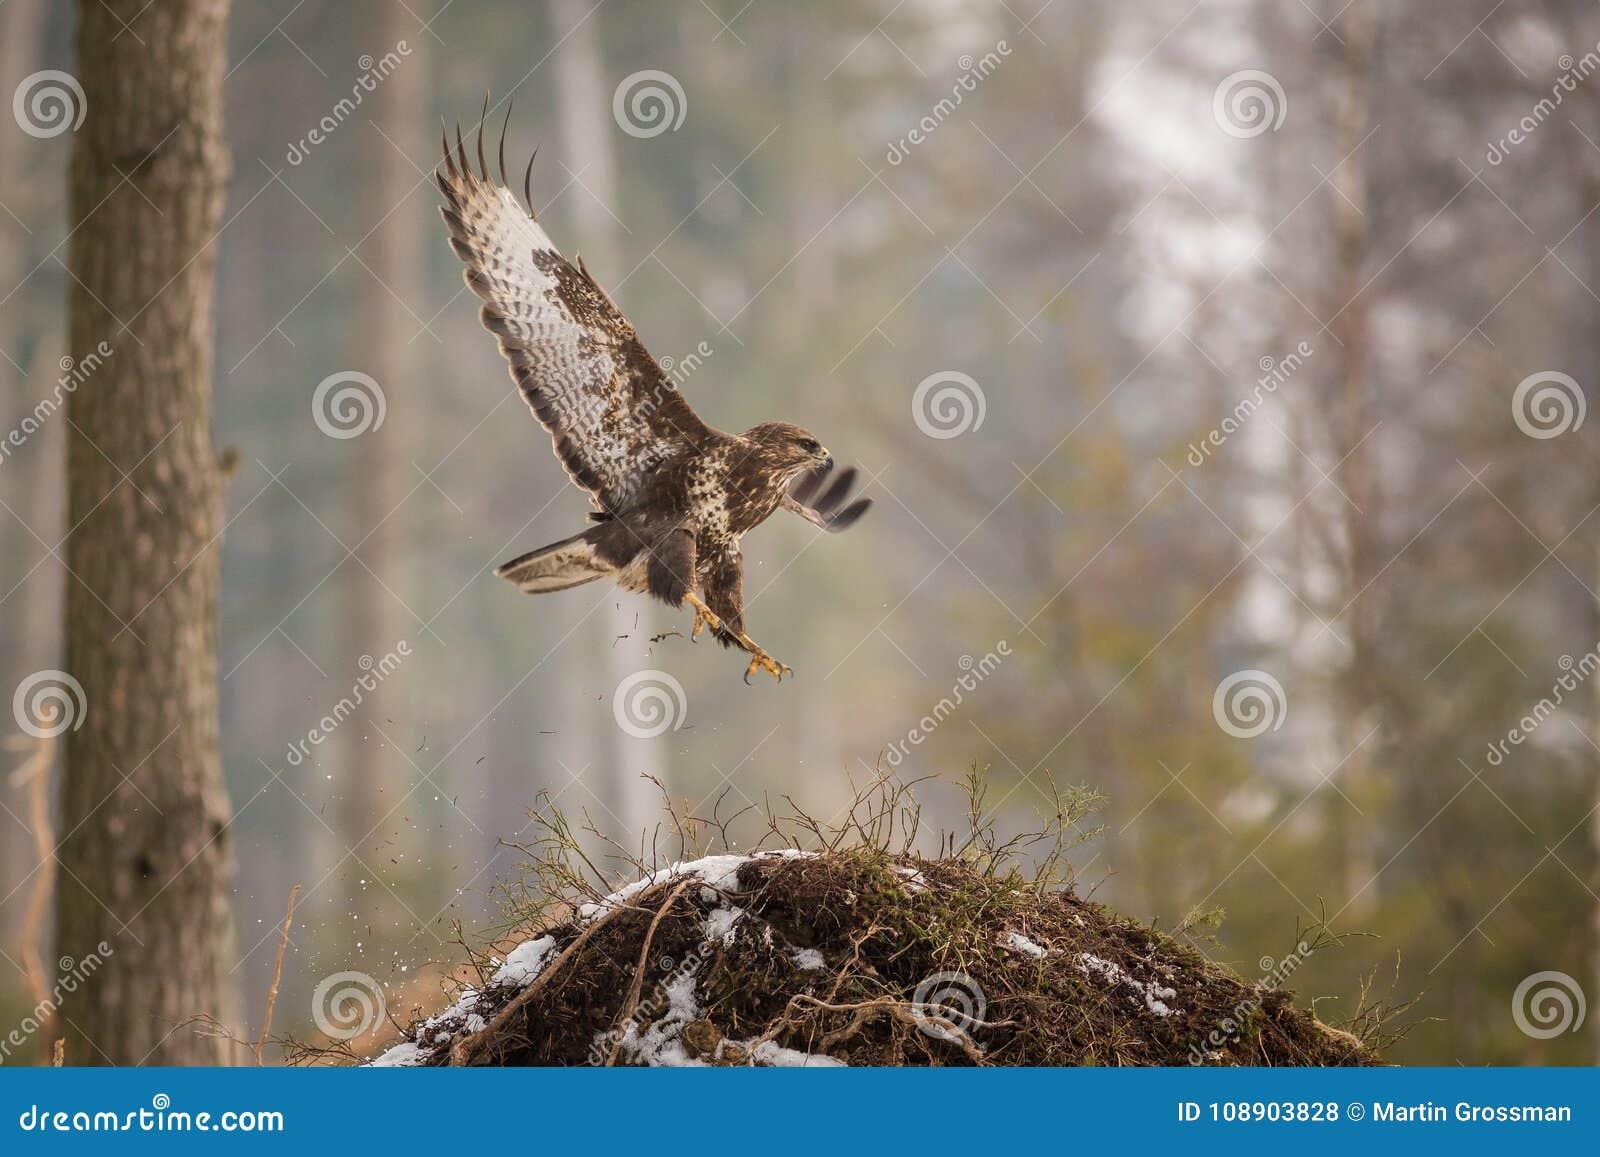 Common buzzard Buteo buteo in winter.